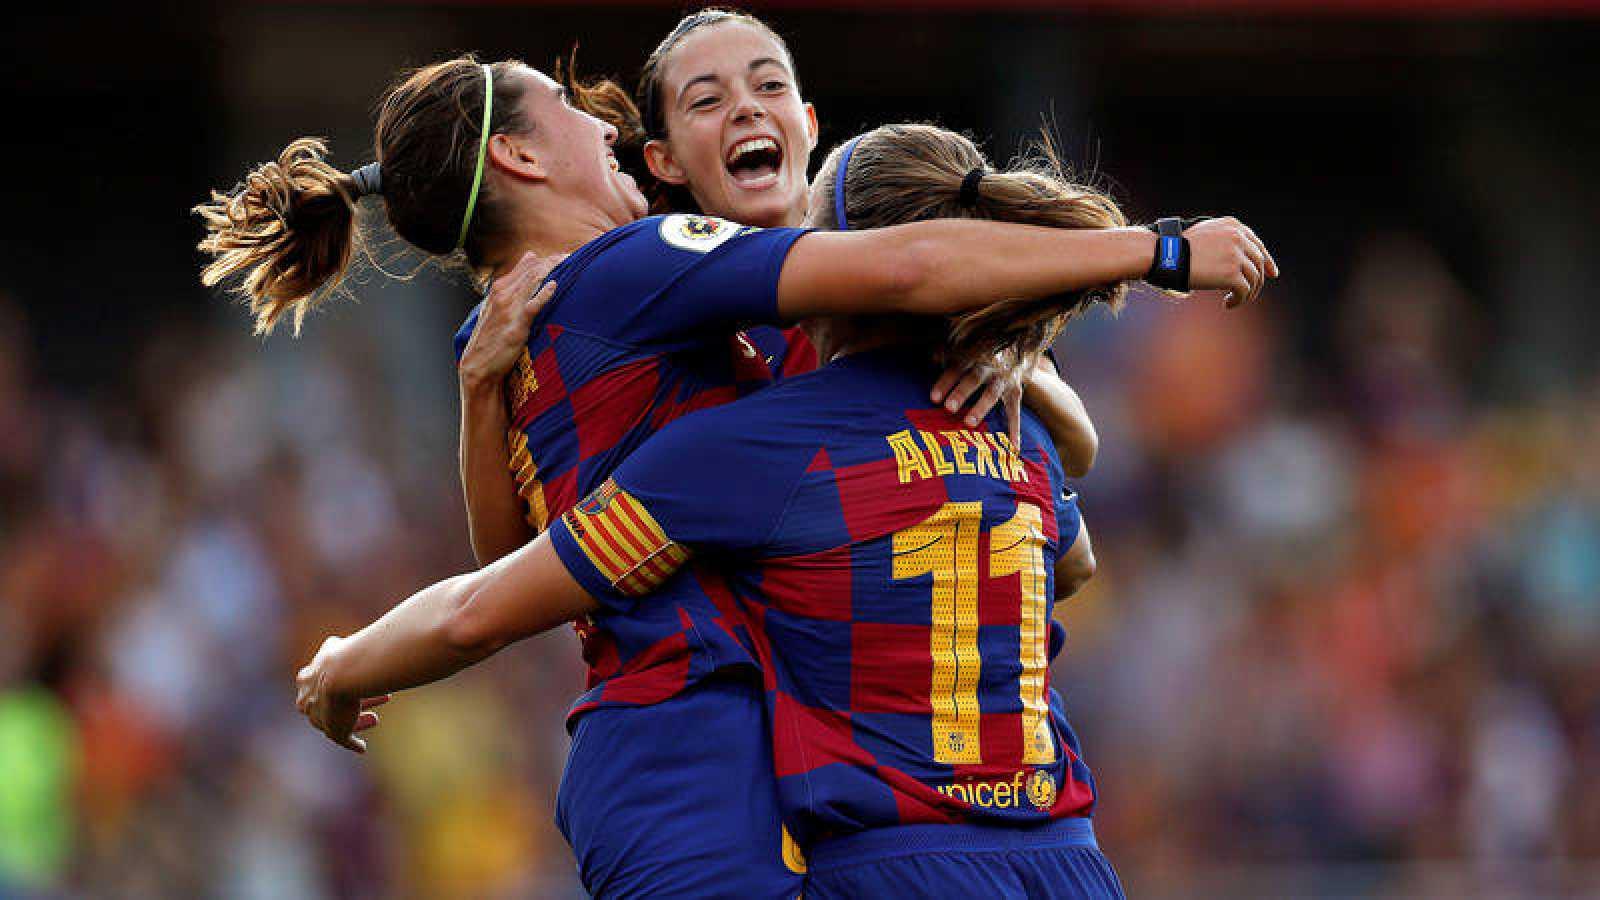 El Barcelona será uno de los cuatro clubes que dispute la primera Supercopa de fútbol femenina.